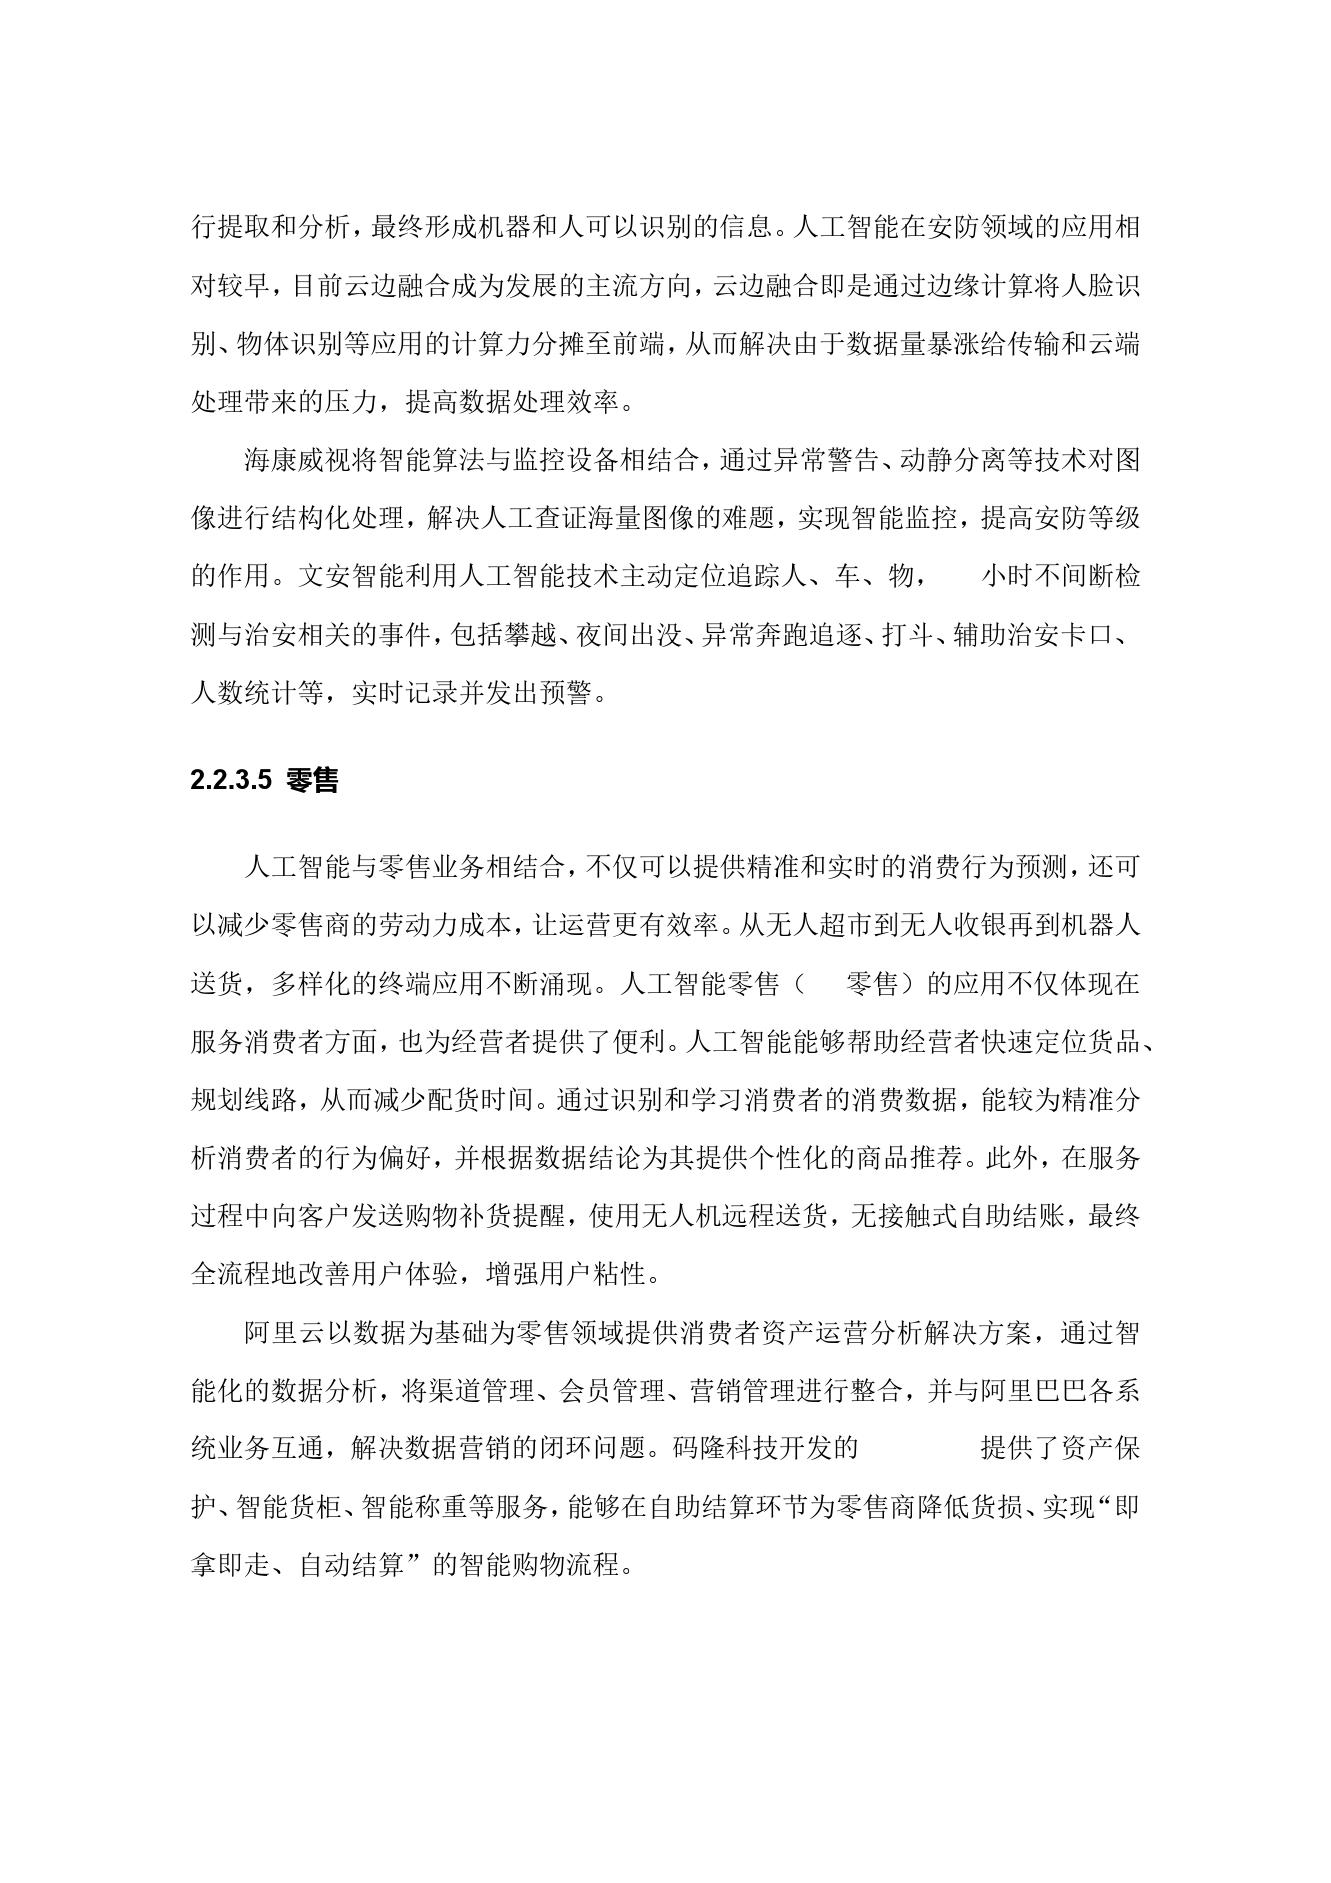 36氪研究院:2020年中国城市人工智能发展指数报告(可下载报告)插图(39)